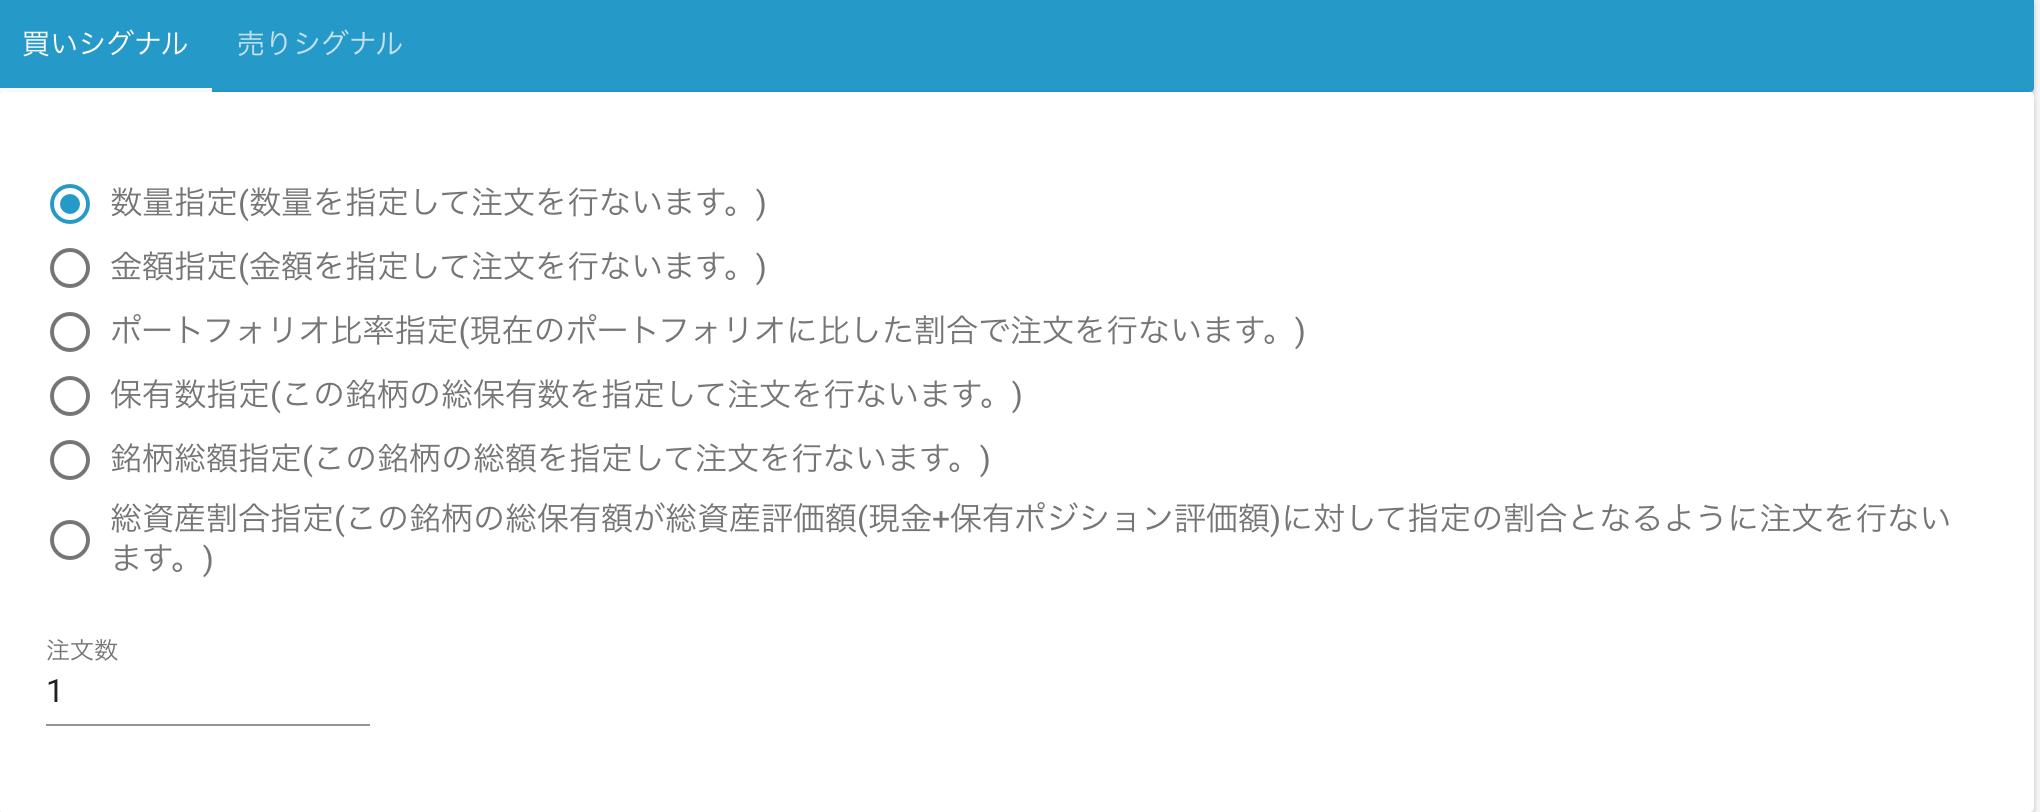 スクリーンショット 2019-09-18 21.06.08.png